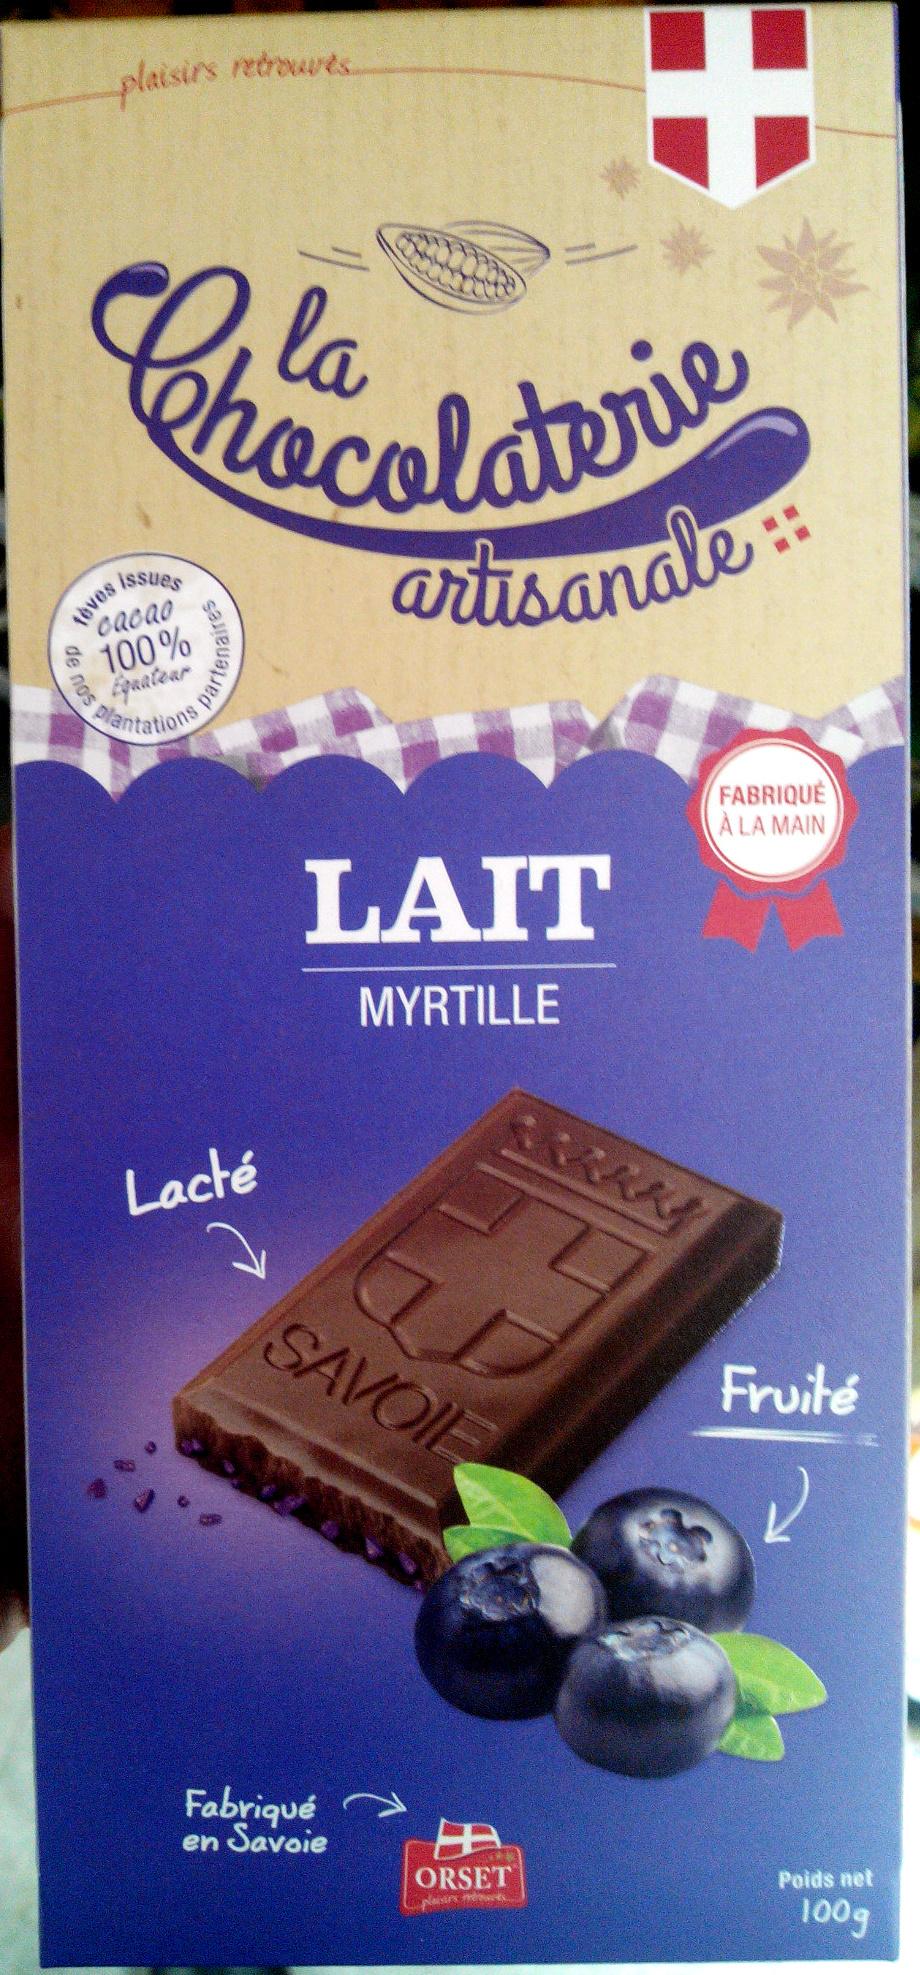 Lait Myrtille - Product